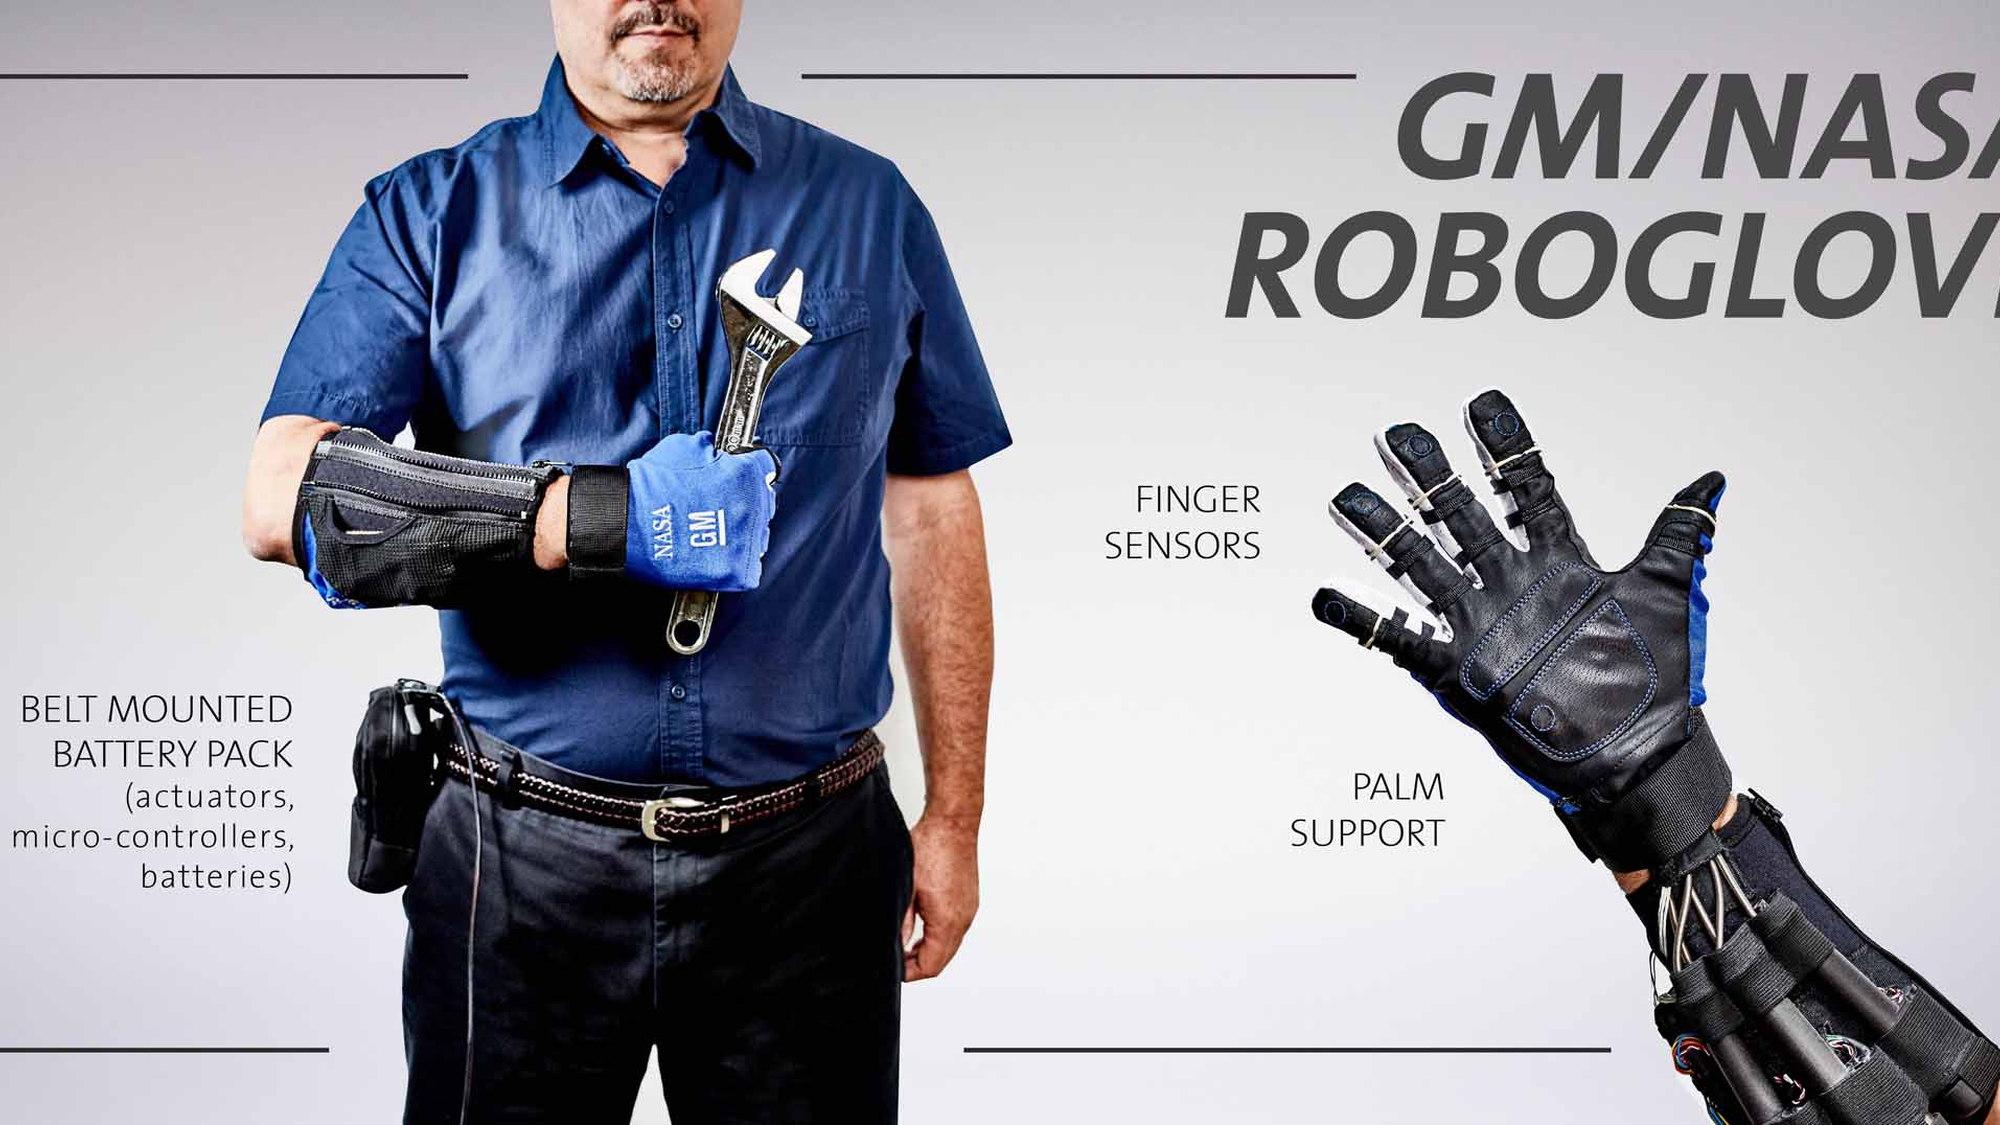 GM/NASA RoboGlove